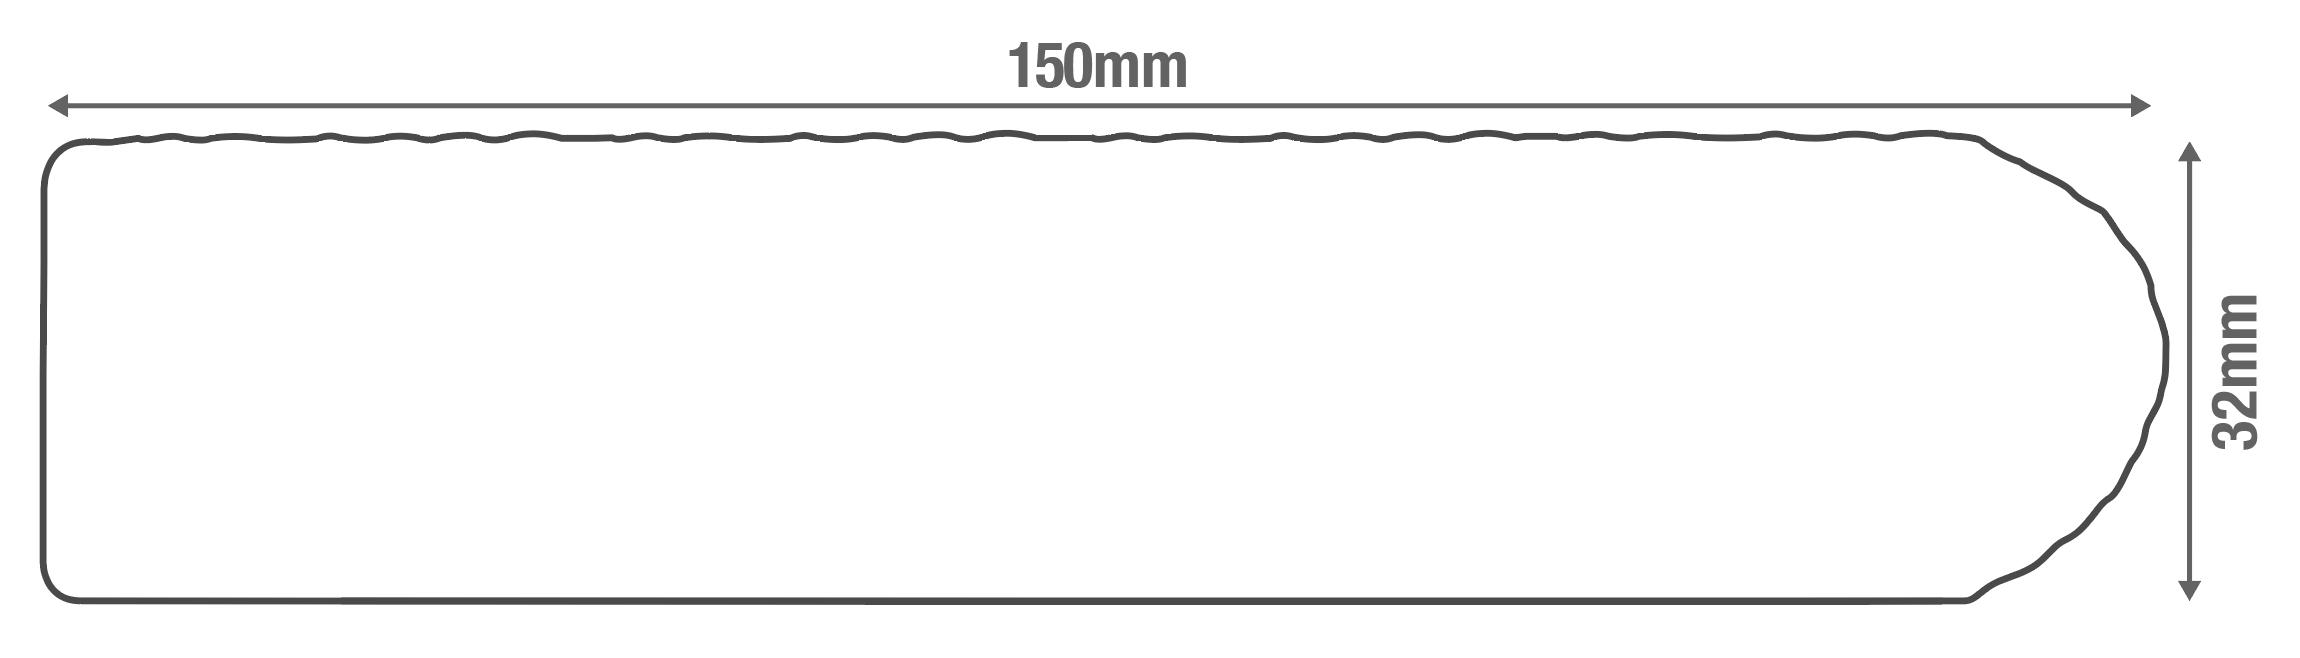 Capstock PVC-ASA Woodgrain Effect Premium Grade Bullnose Decking Board Diagram